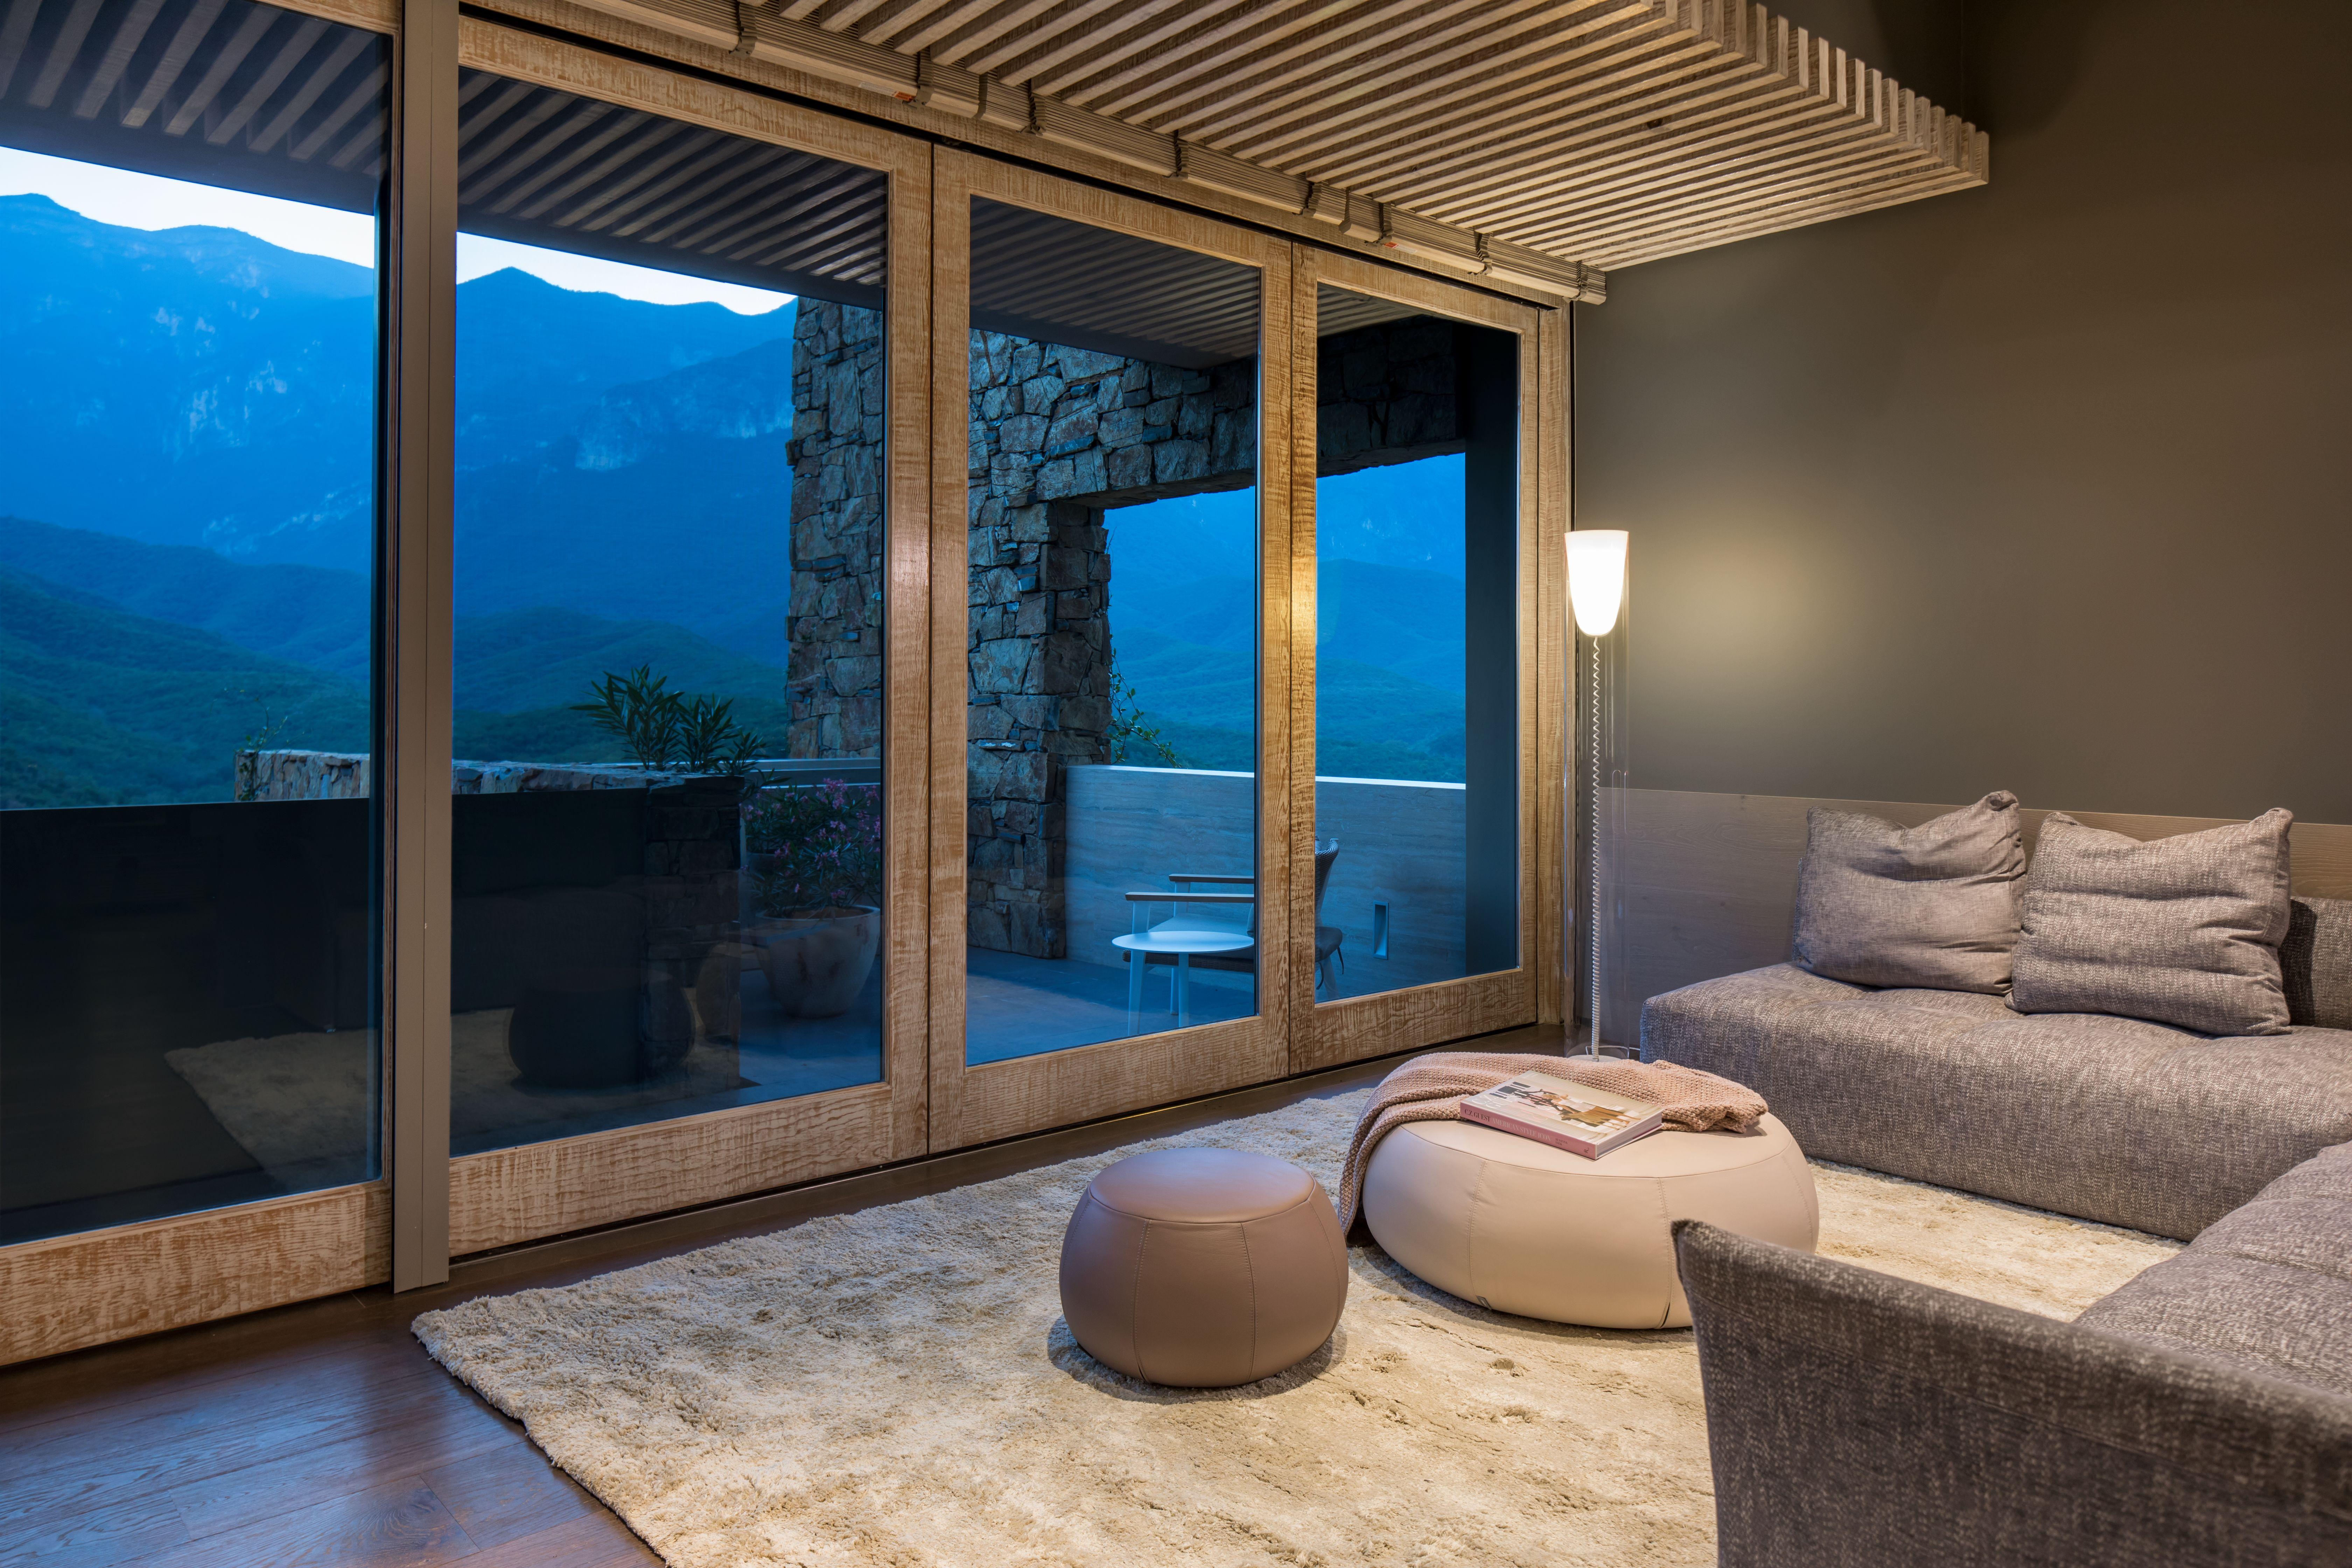 Bedroom With A View Cada Recamara Cuenta Con Su Terraza Para Disfrutar La Gran Vista De Las Montanas Mobiliario Europeo Contempo Vistas Mobiliario Interiores